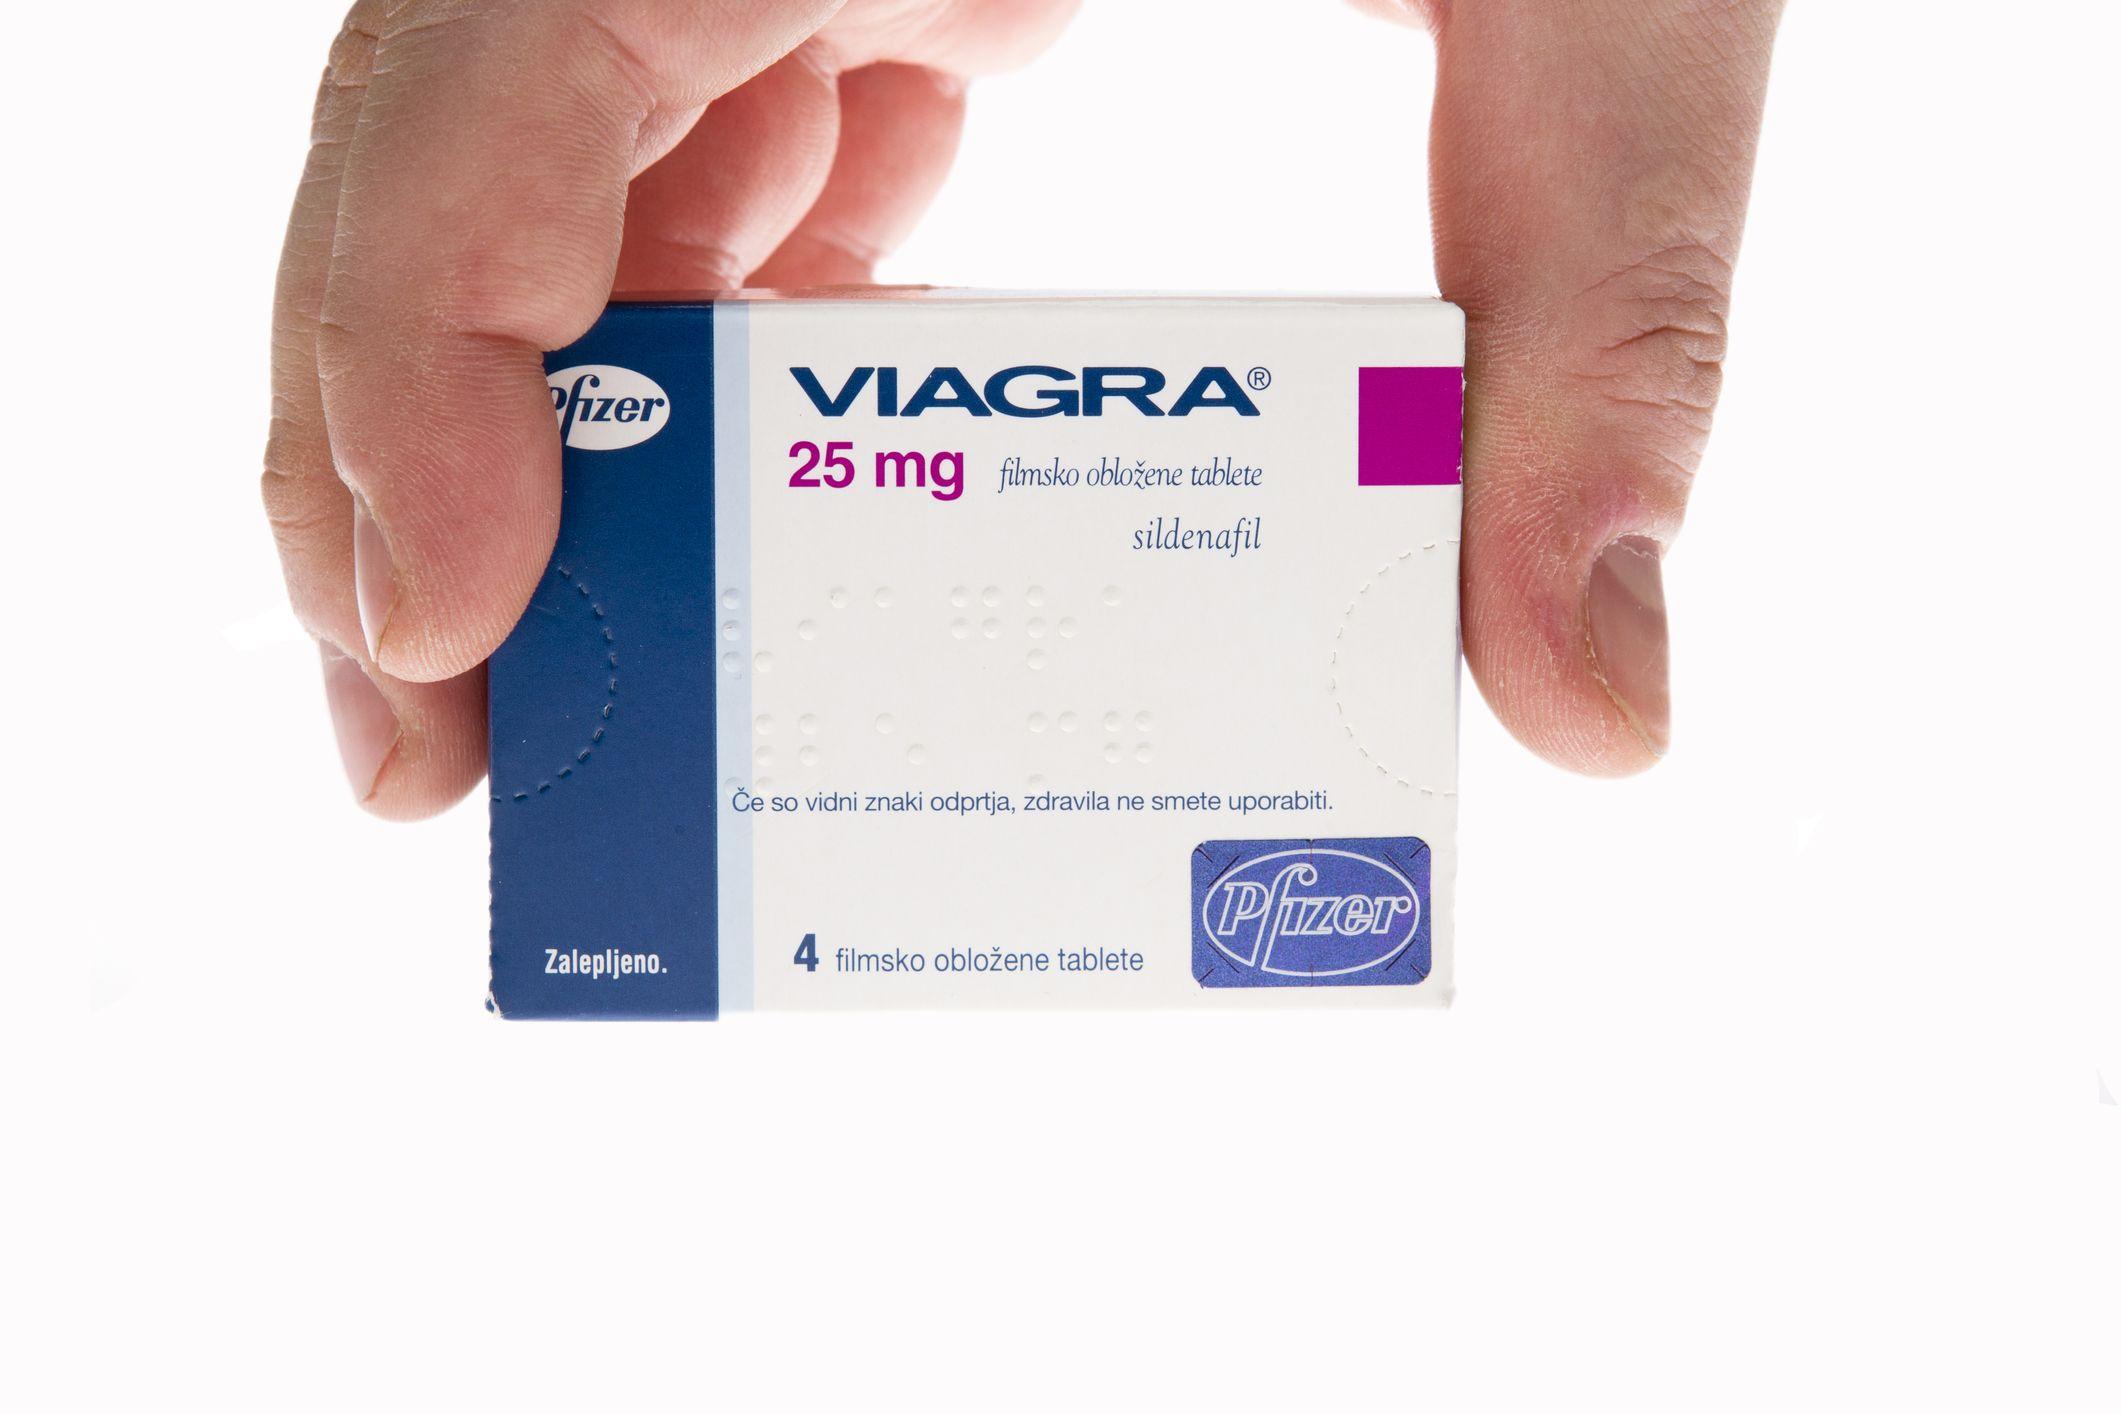 hogyan kell bevenni a Viagrát magas vérnyomás esetén magas vérnyomásból származó pszichózis